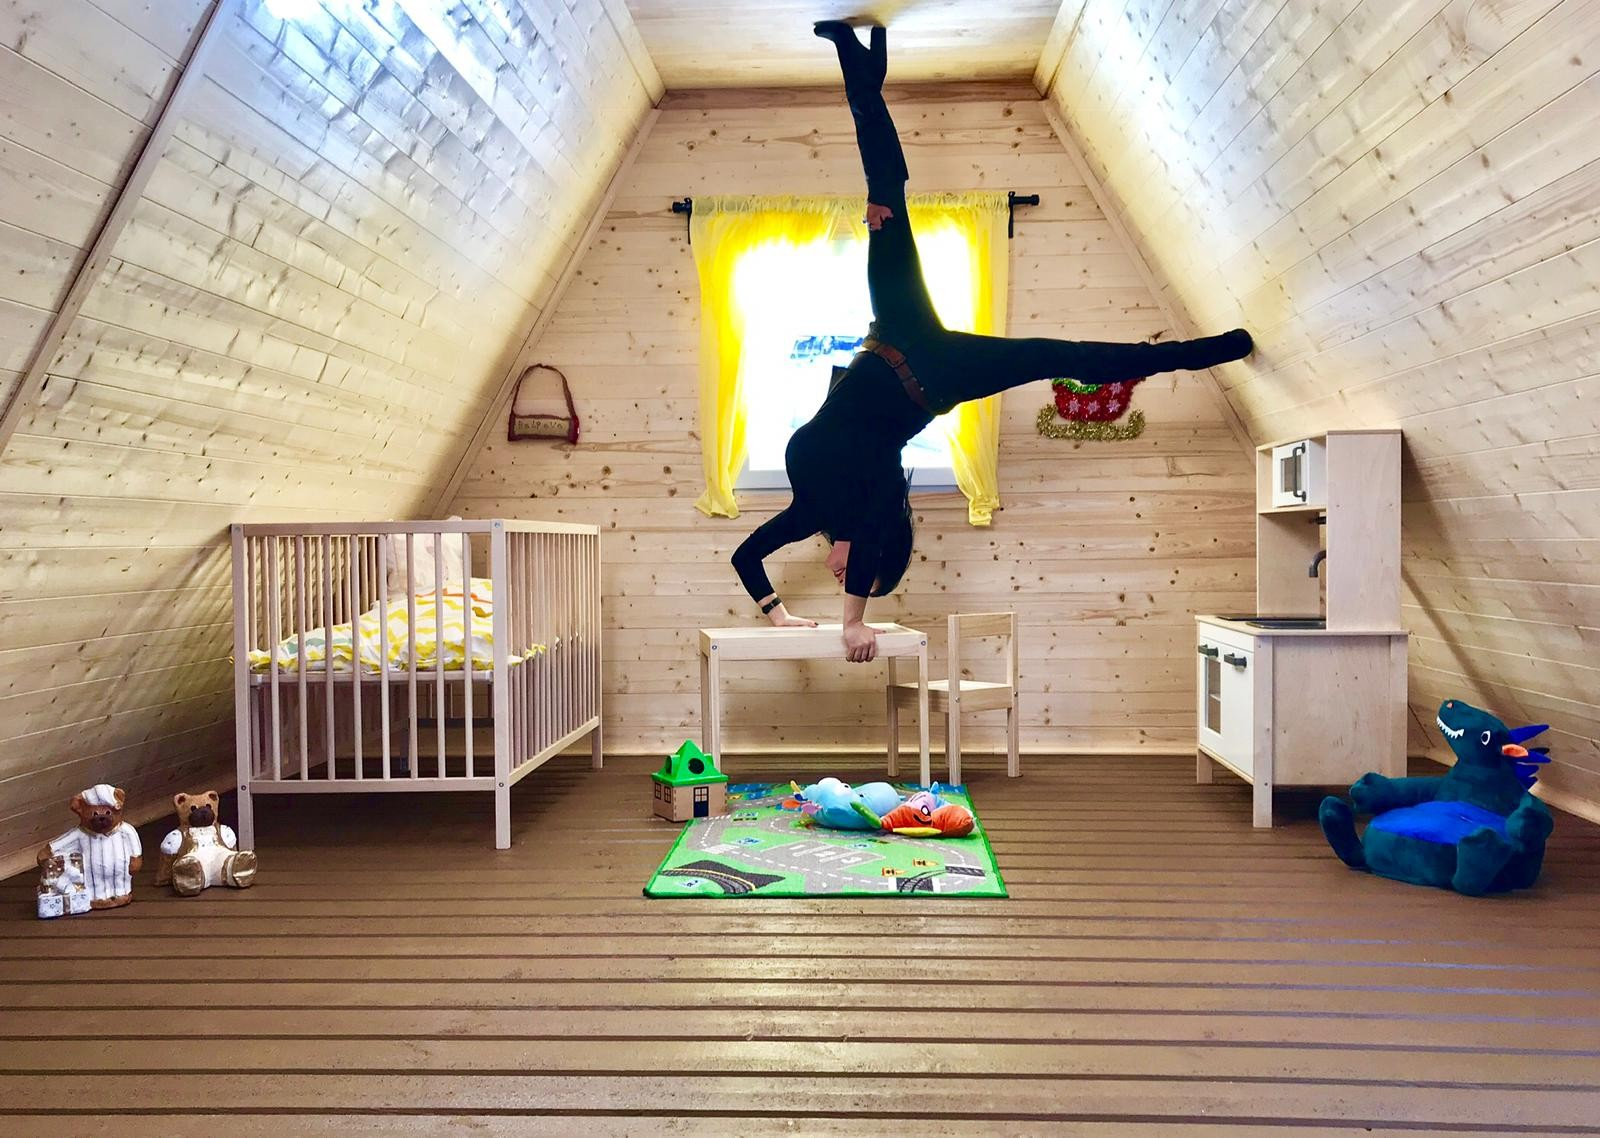 Casa de cabeça para baixo é atração instagramável na Inglaterra (Foto: Divulgação)